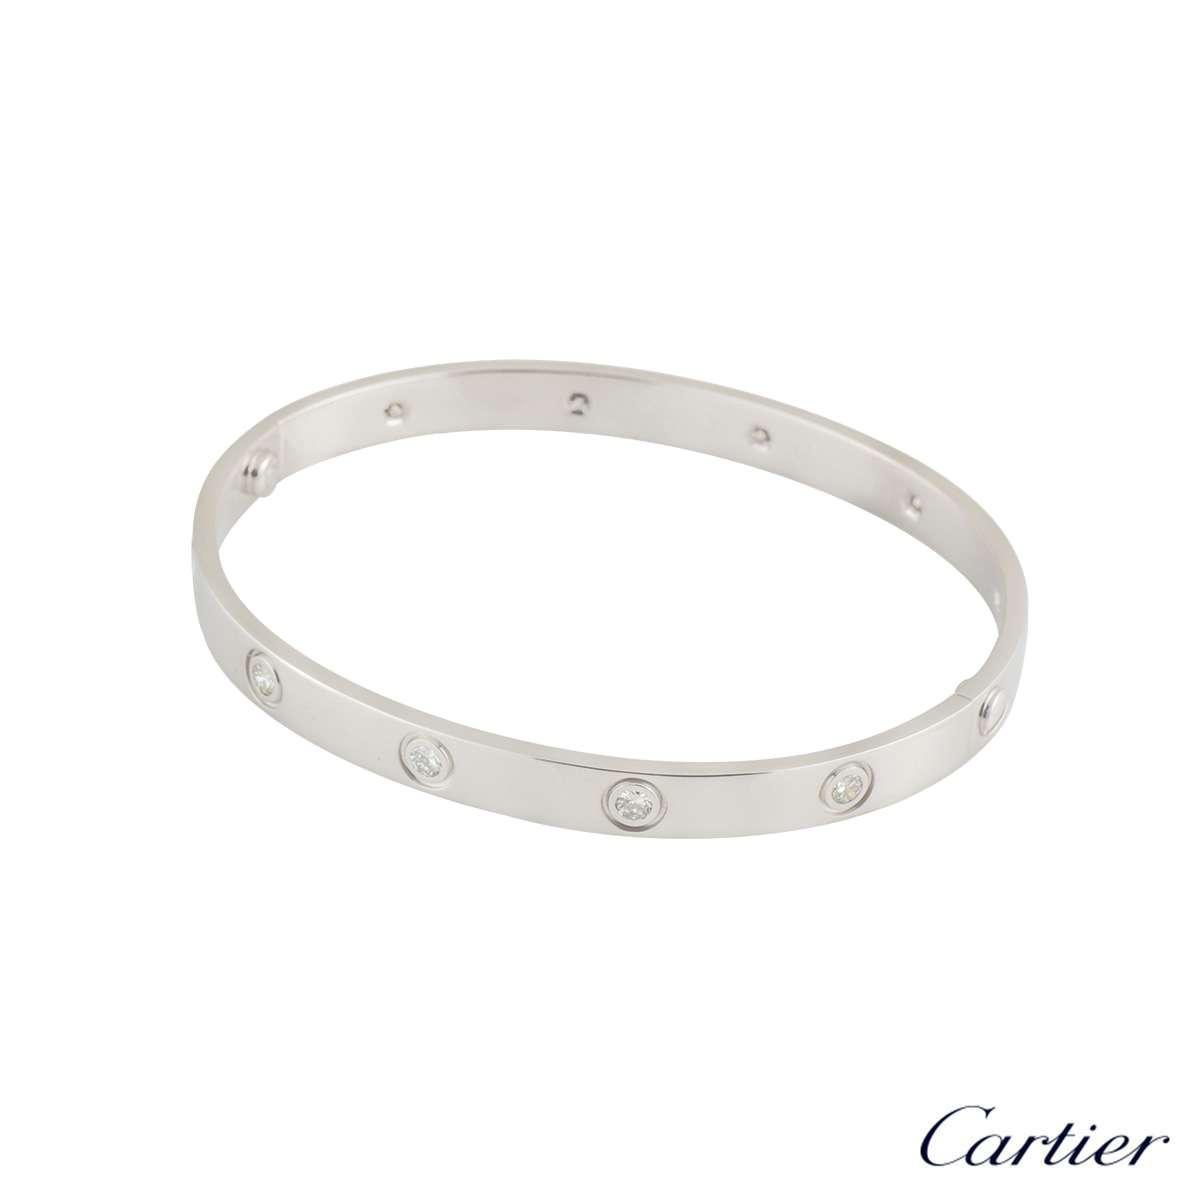 Cartier White Gold Full Diamond Love Bracelet Size 18 B6040718